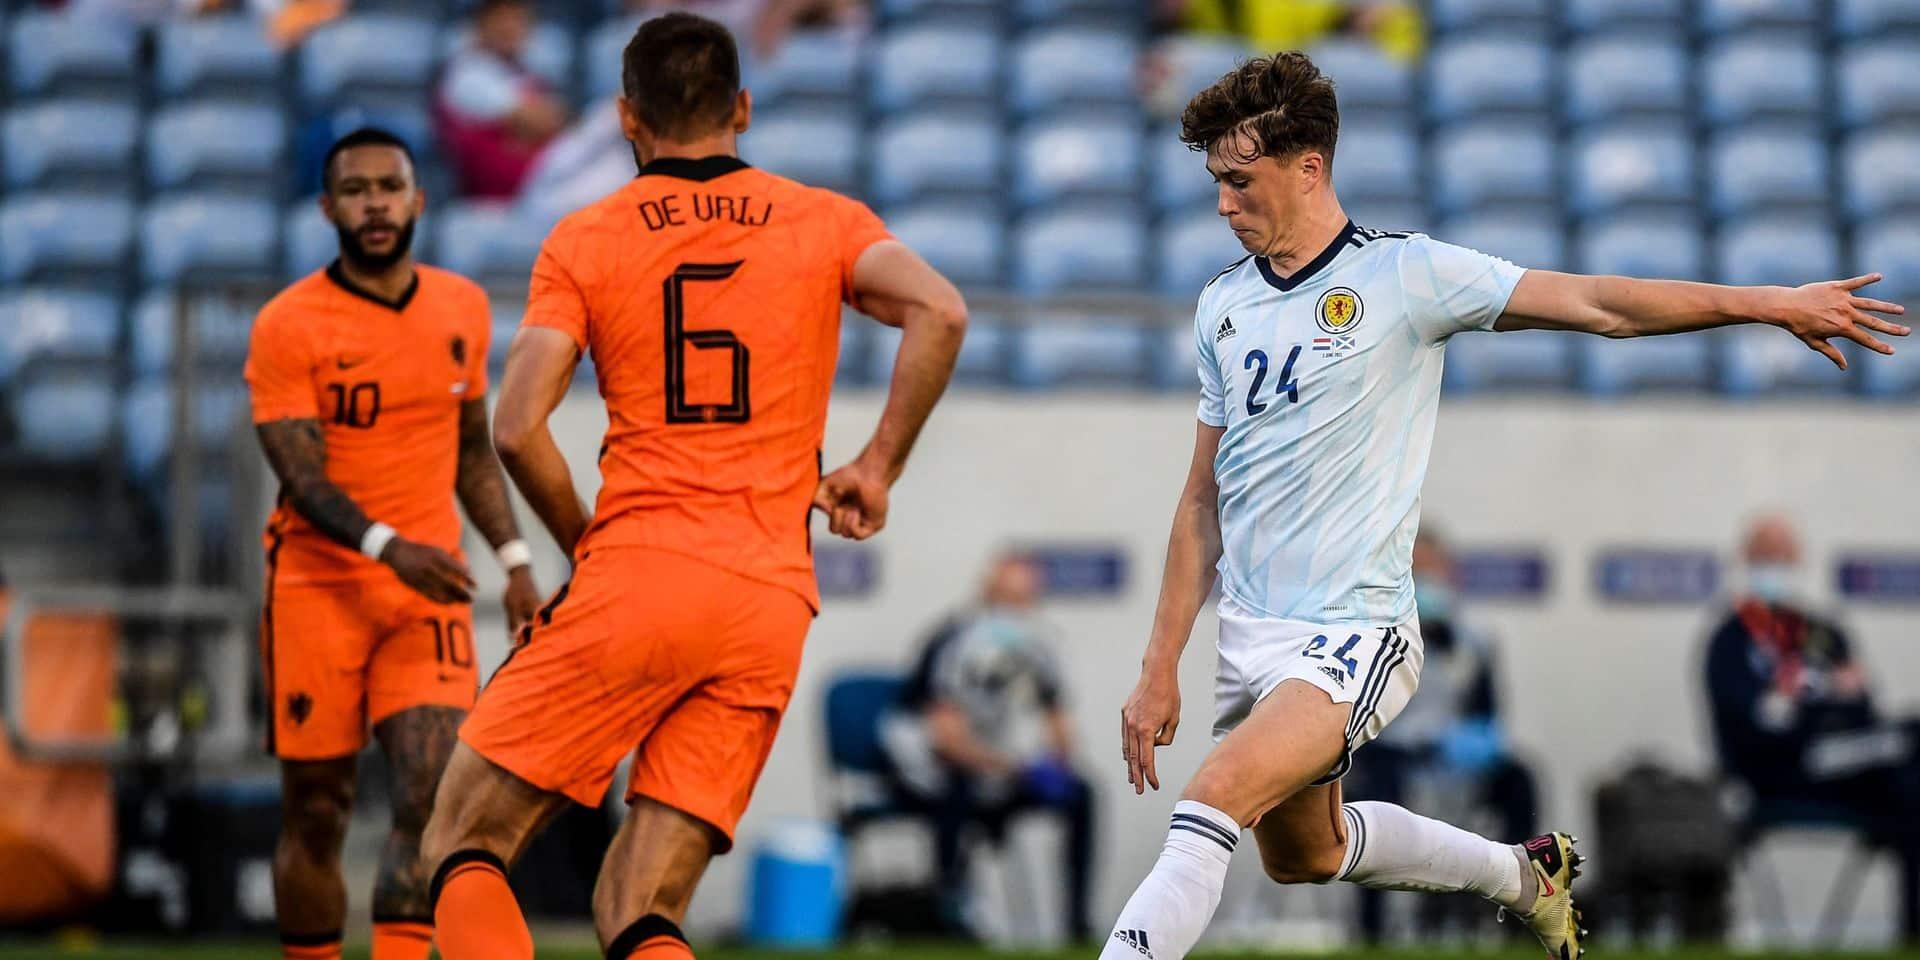 Neuf étrangers de la Jupiler Pro League disputeront l'Euro 2020